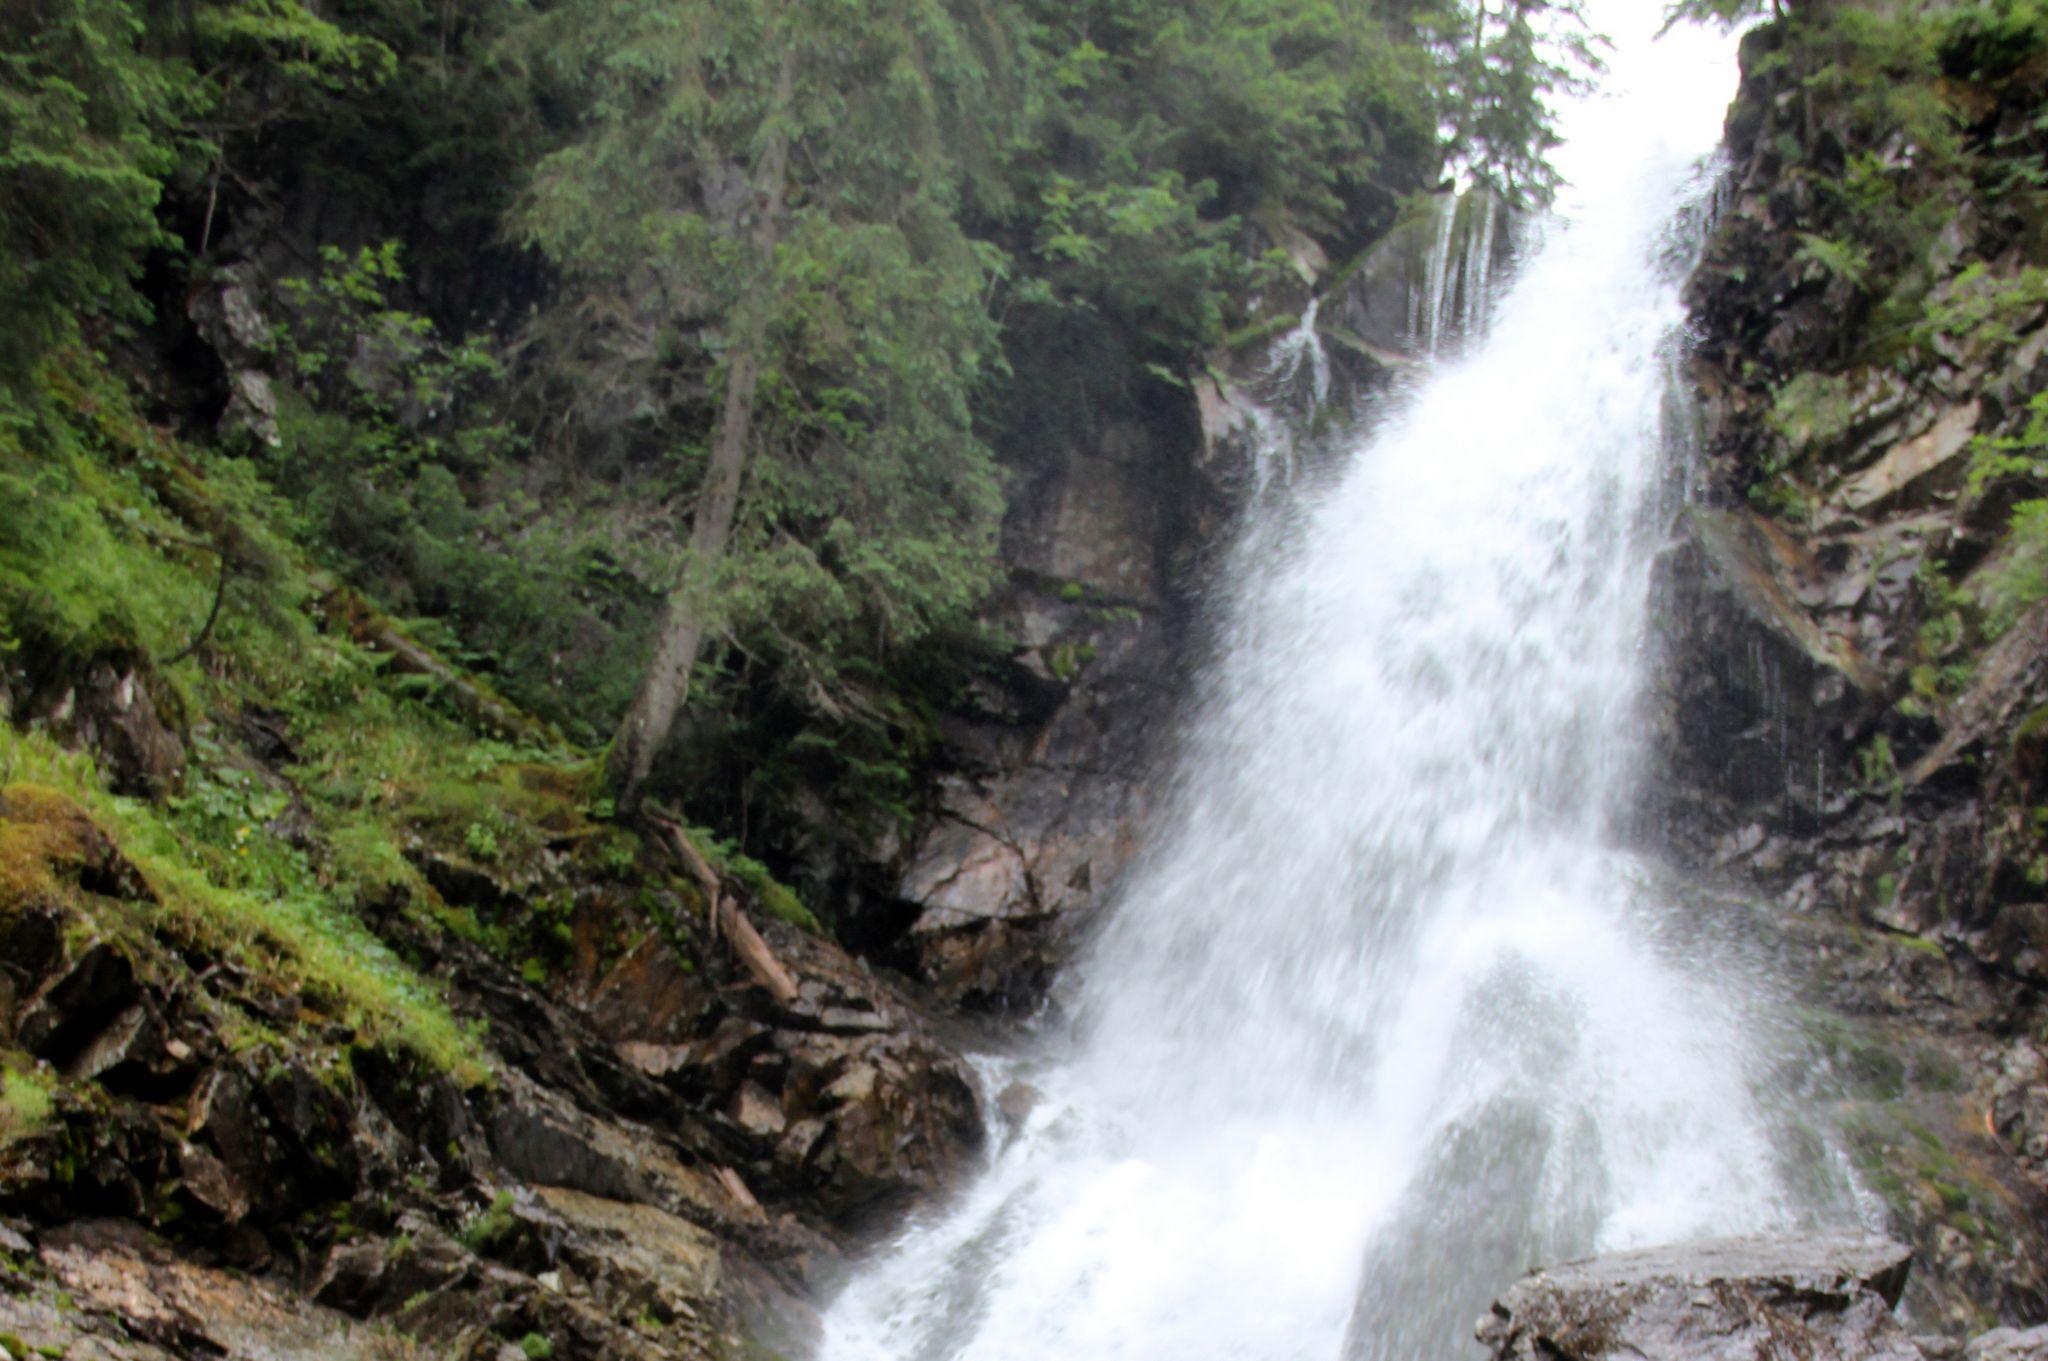 Dübörög a vízesés. Fotó: Balassa Zoltán